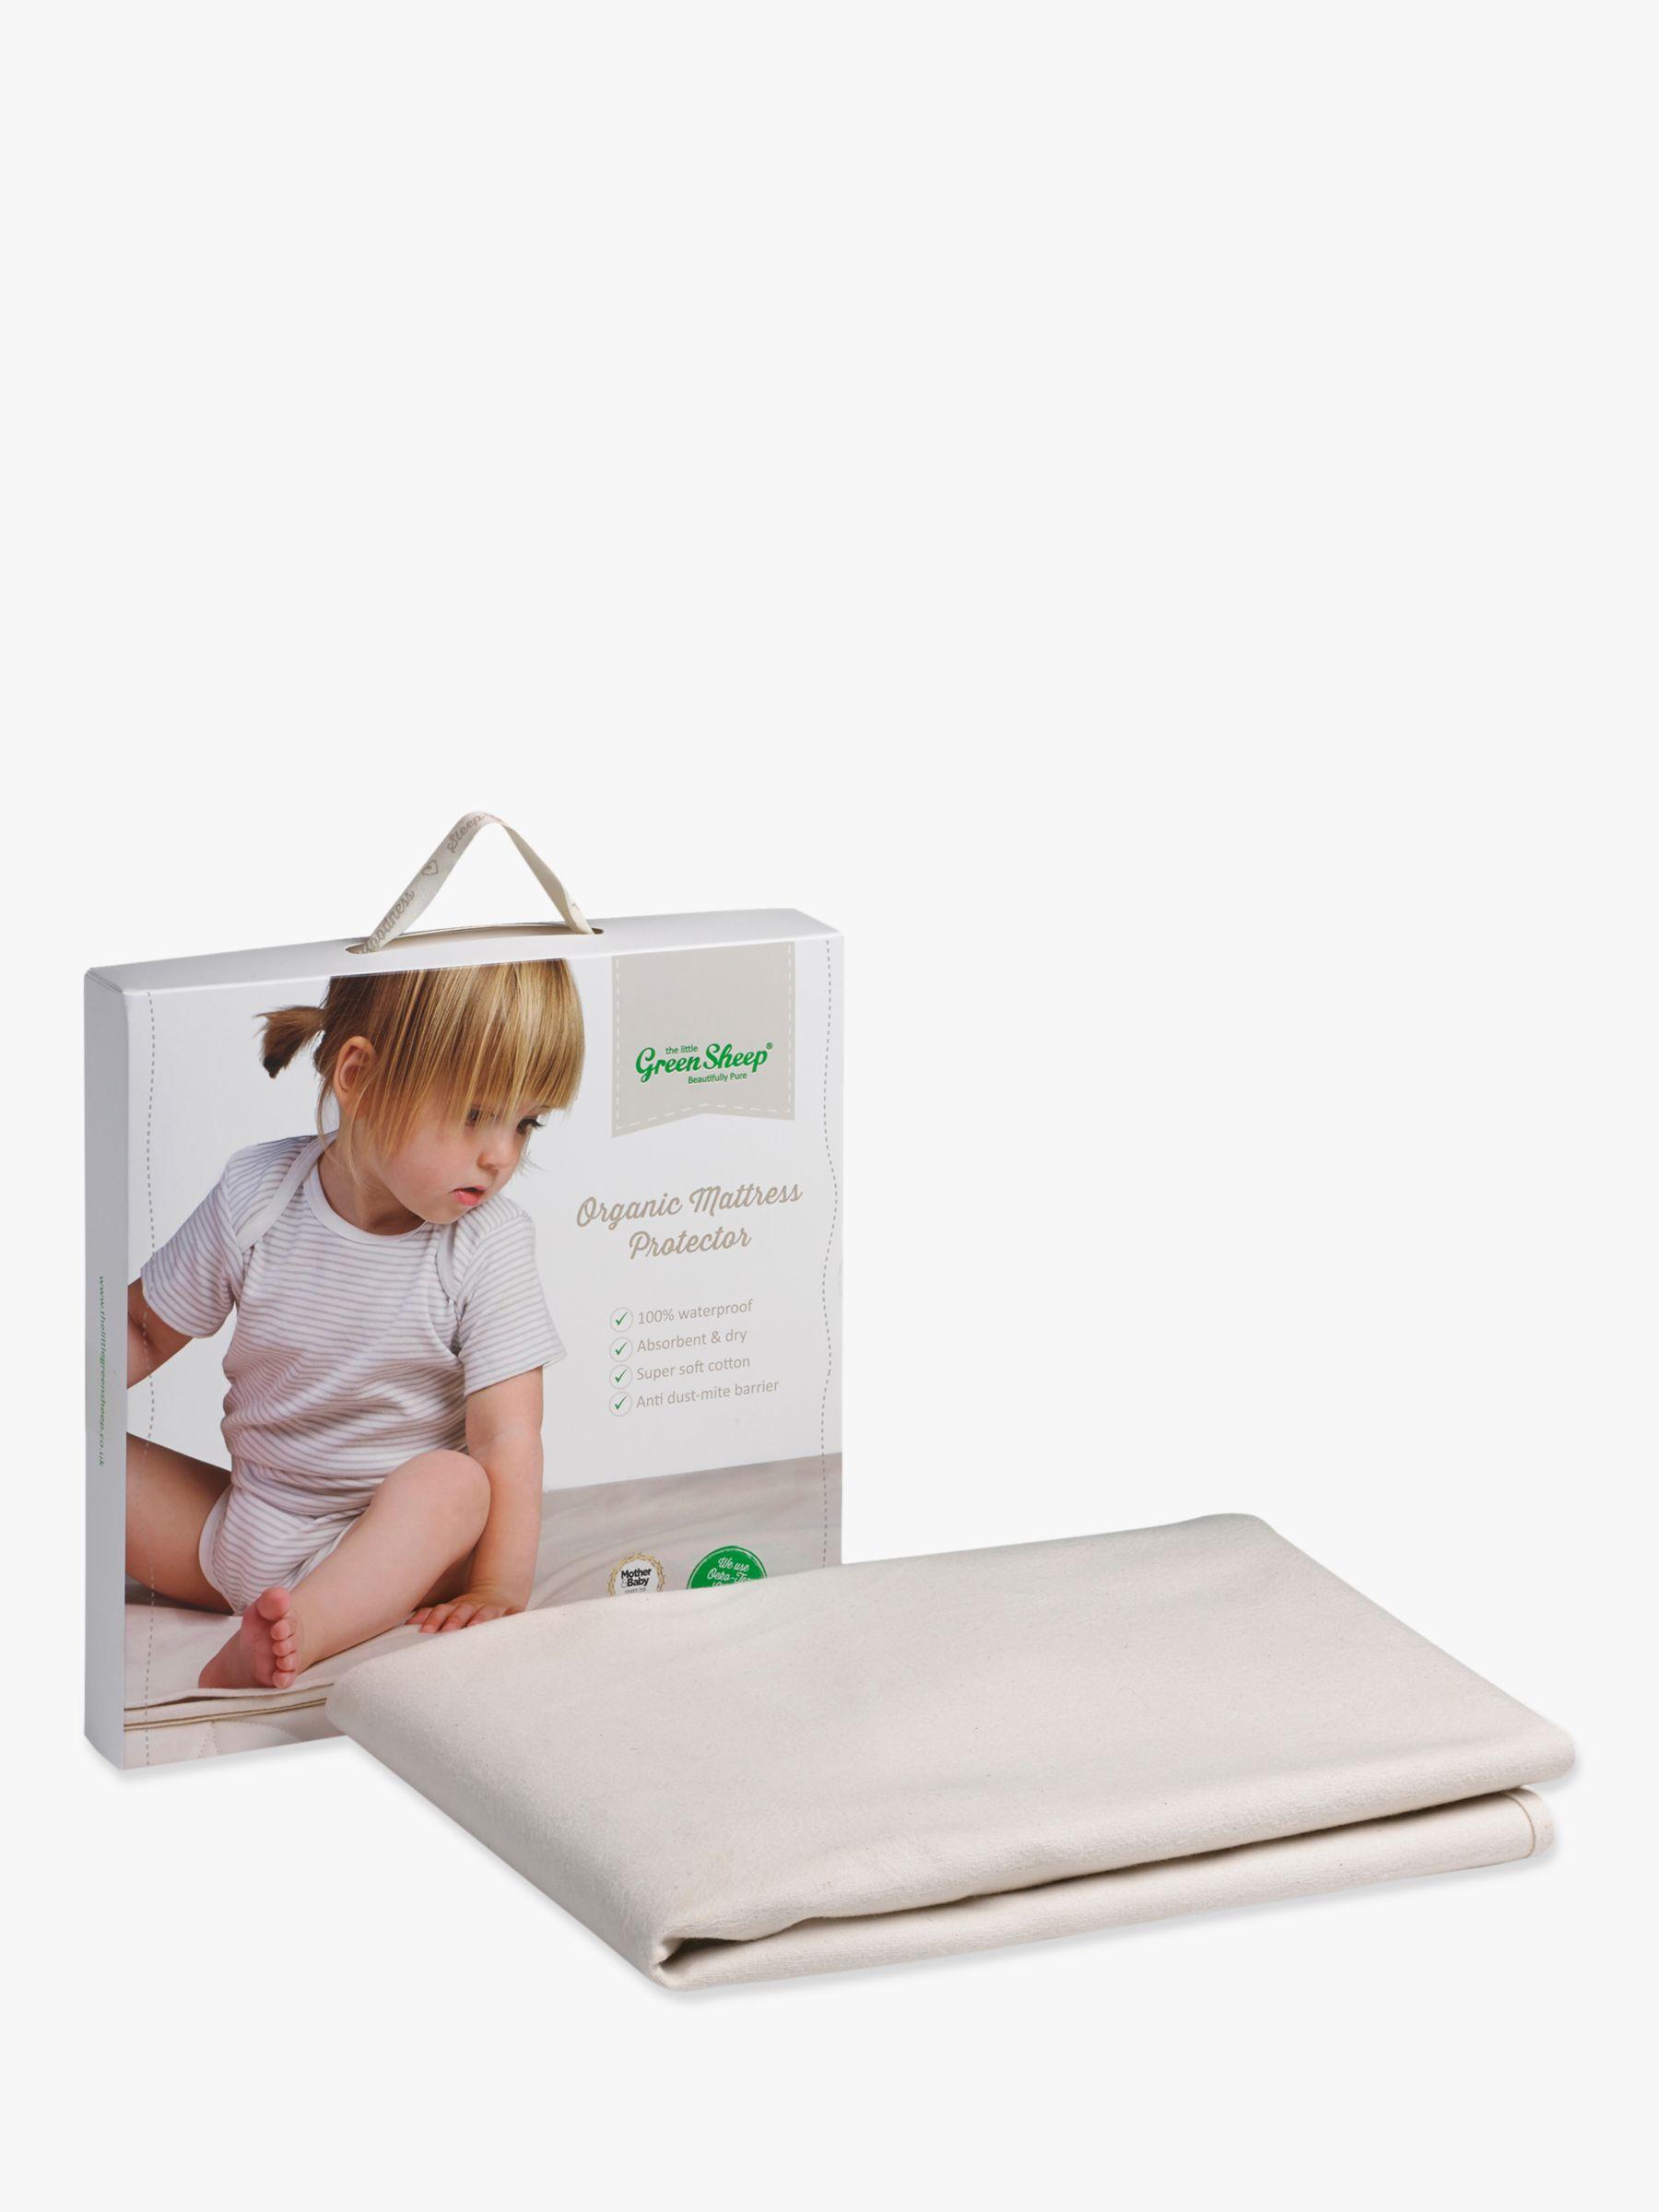 The Little Green Sheep Waterproof Cot Mattress Protector